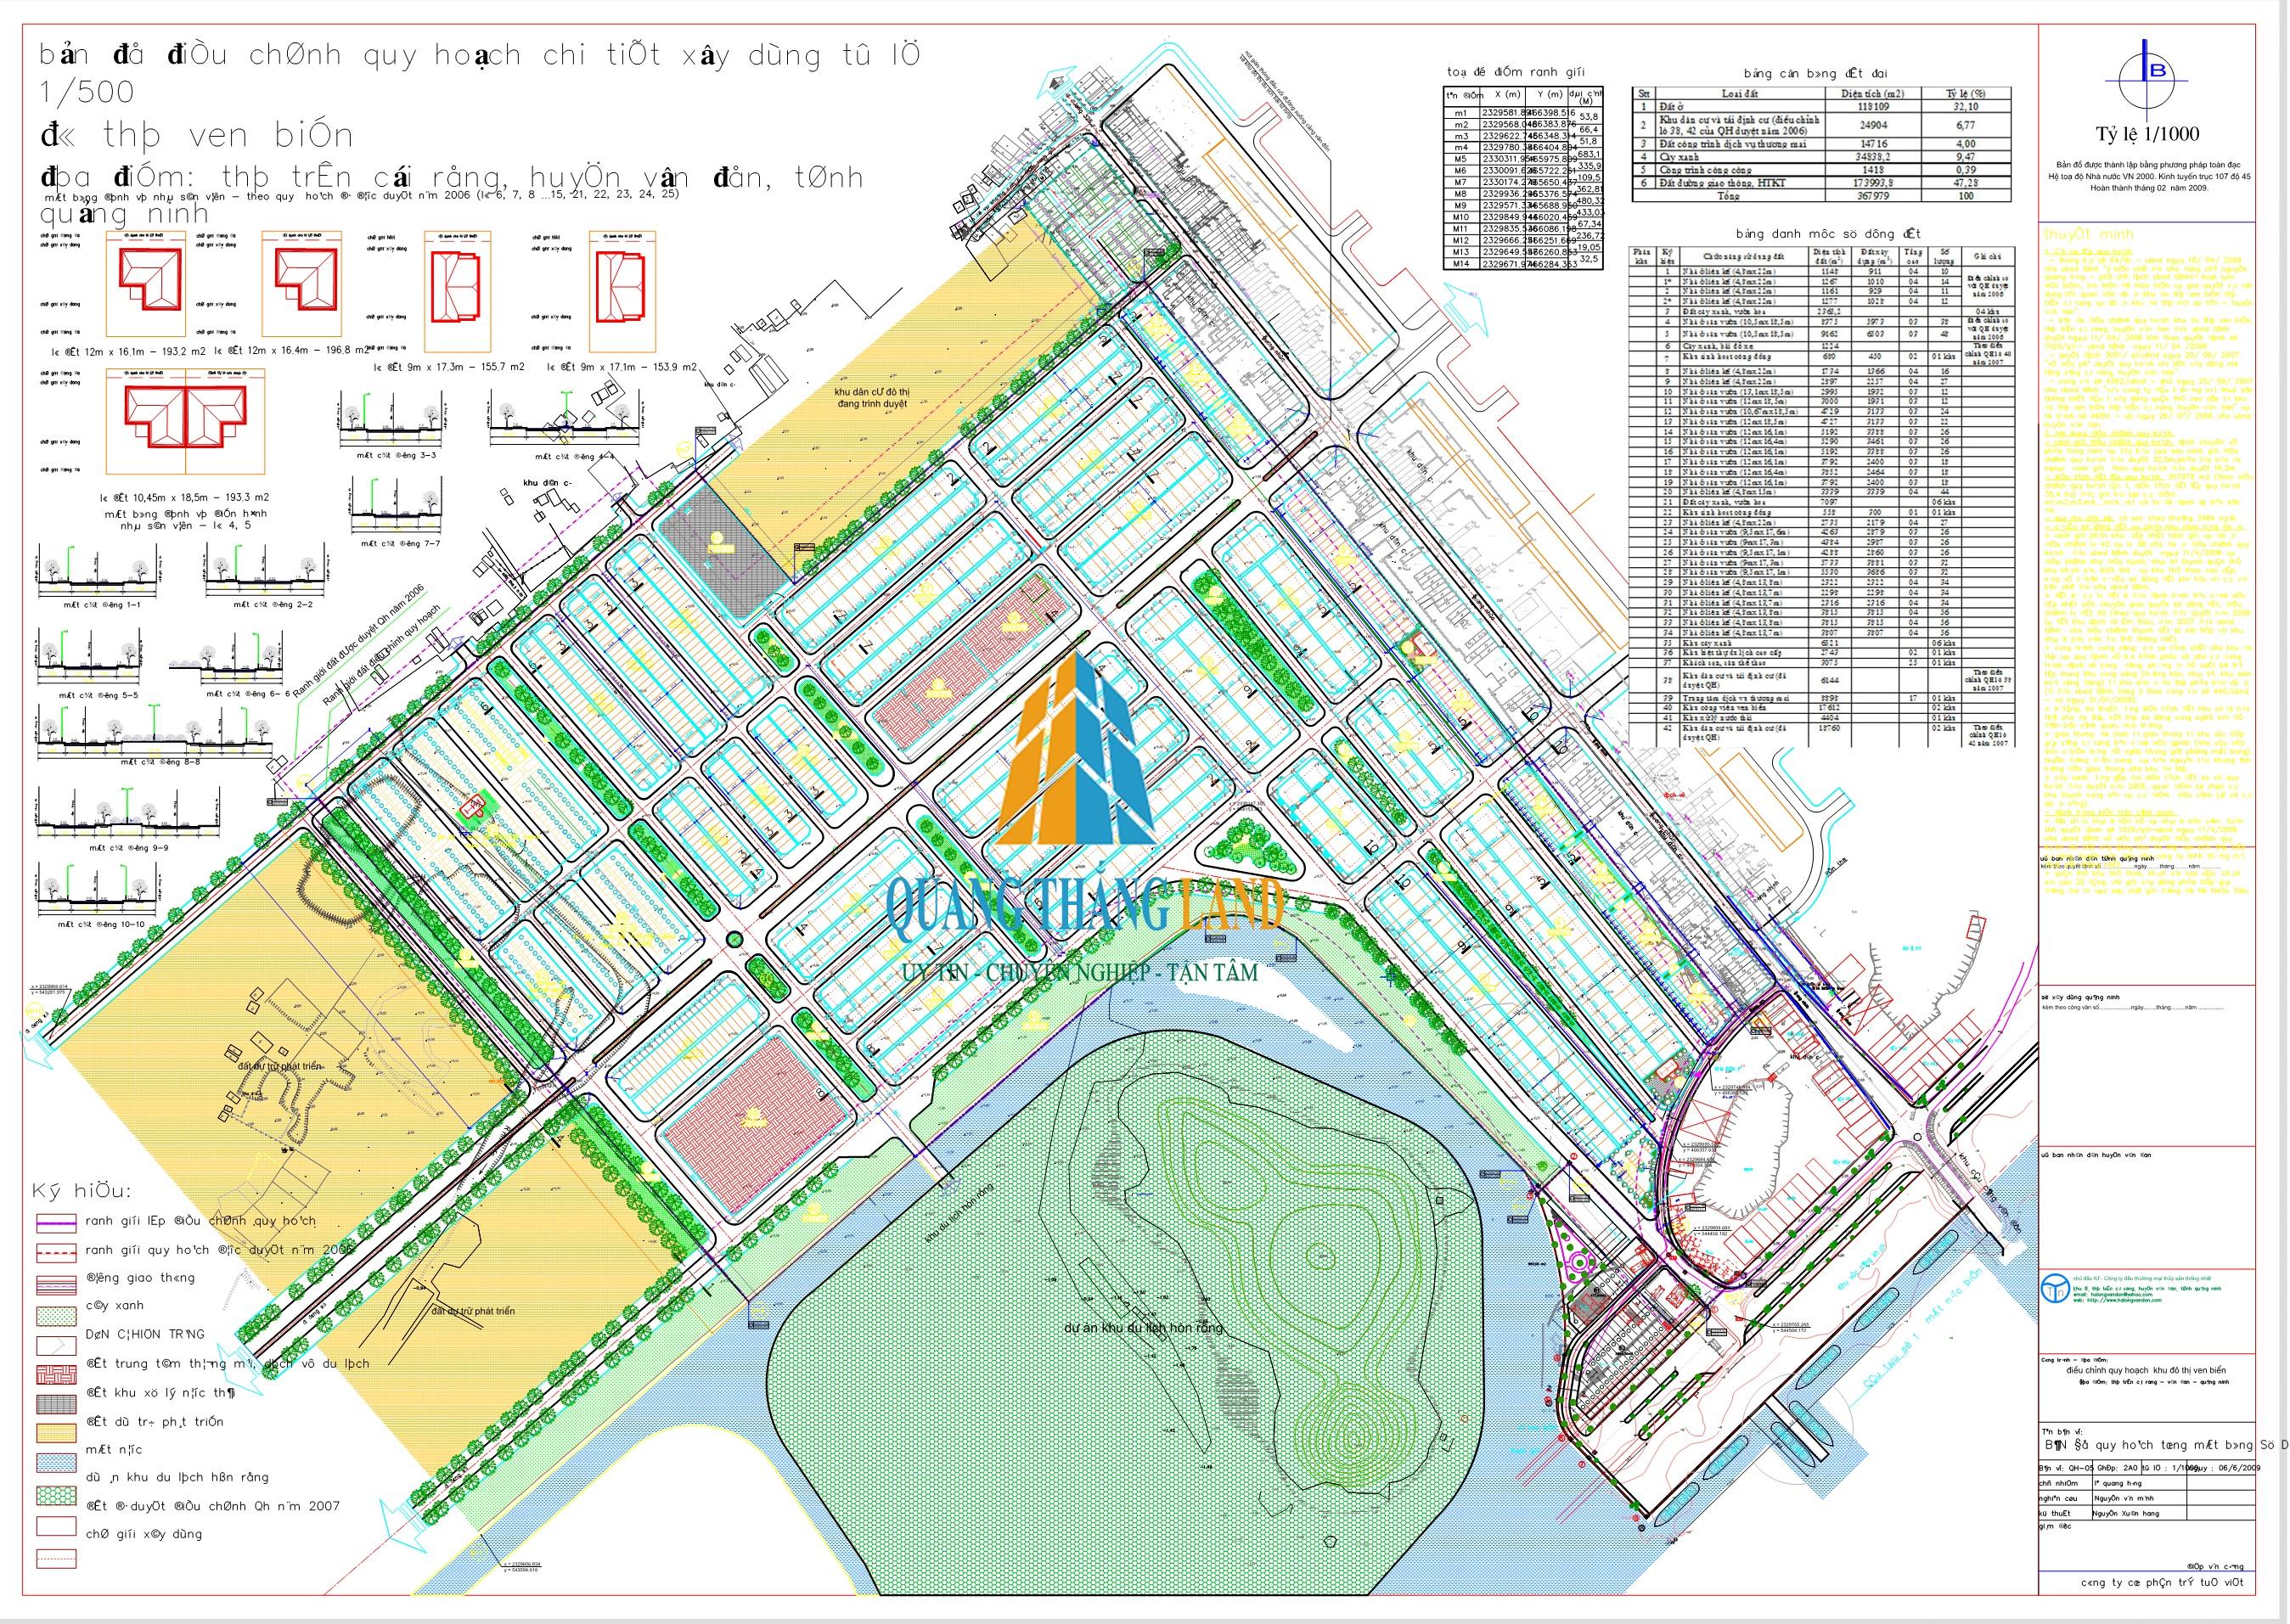 Khu đô thị Thống Nhất - Bản đồ quy hoạch 1-500